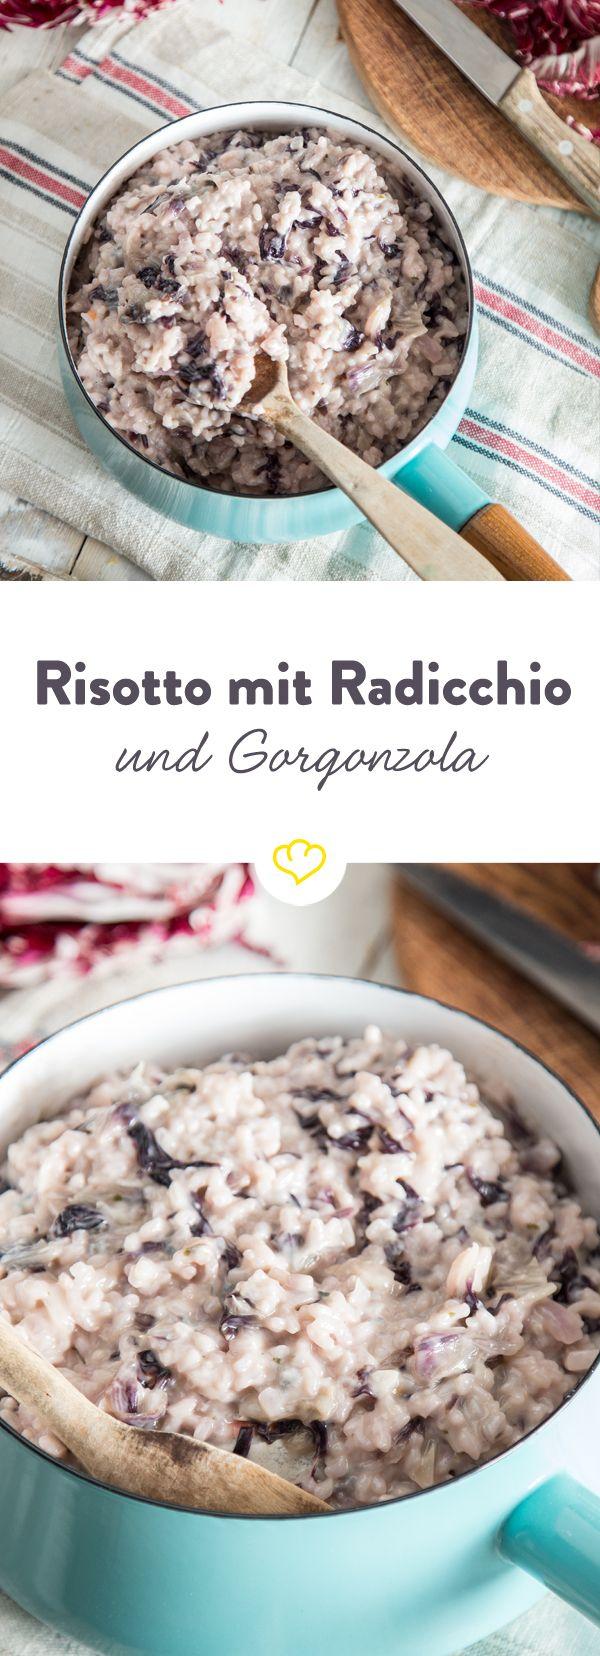 Du hast Angst vor Risotto? Musst du nicht! Das Rezept ist absolut gelingsicher und schmeckt dank Radicchio und Gorgonzola wie das Original aus dem Norden.